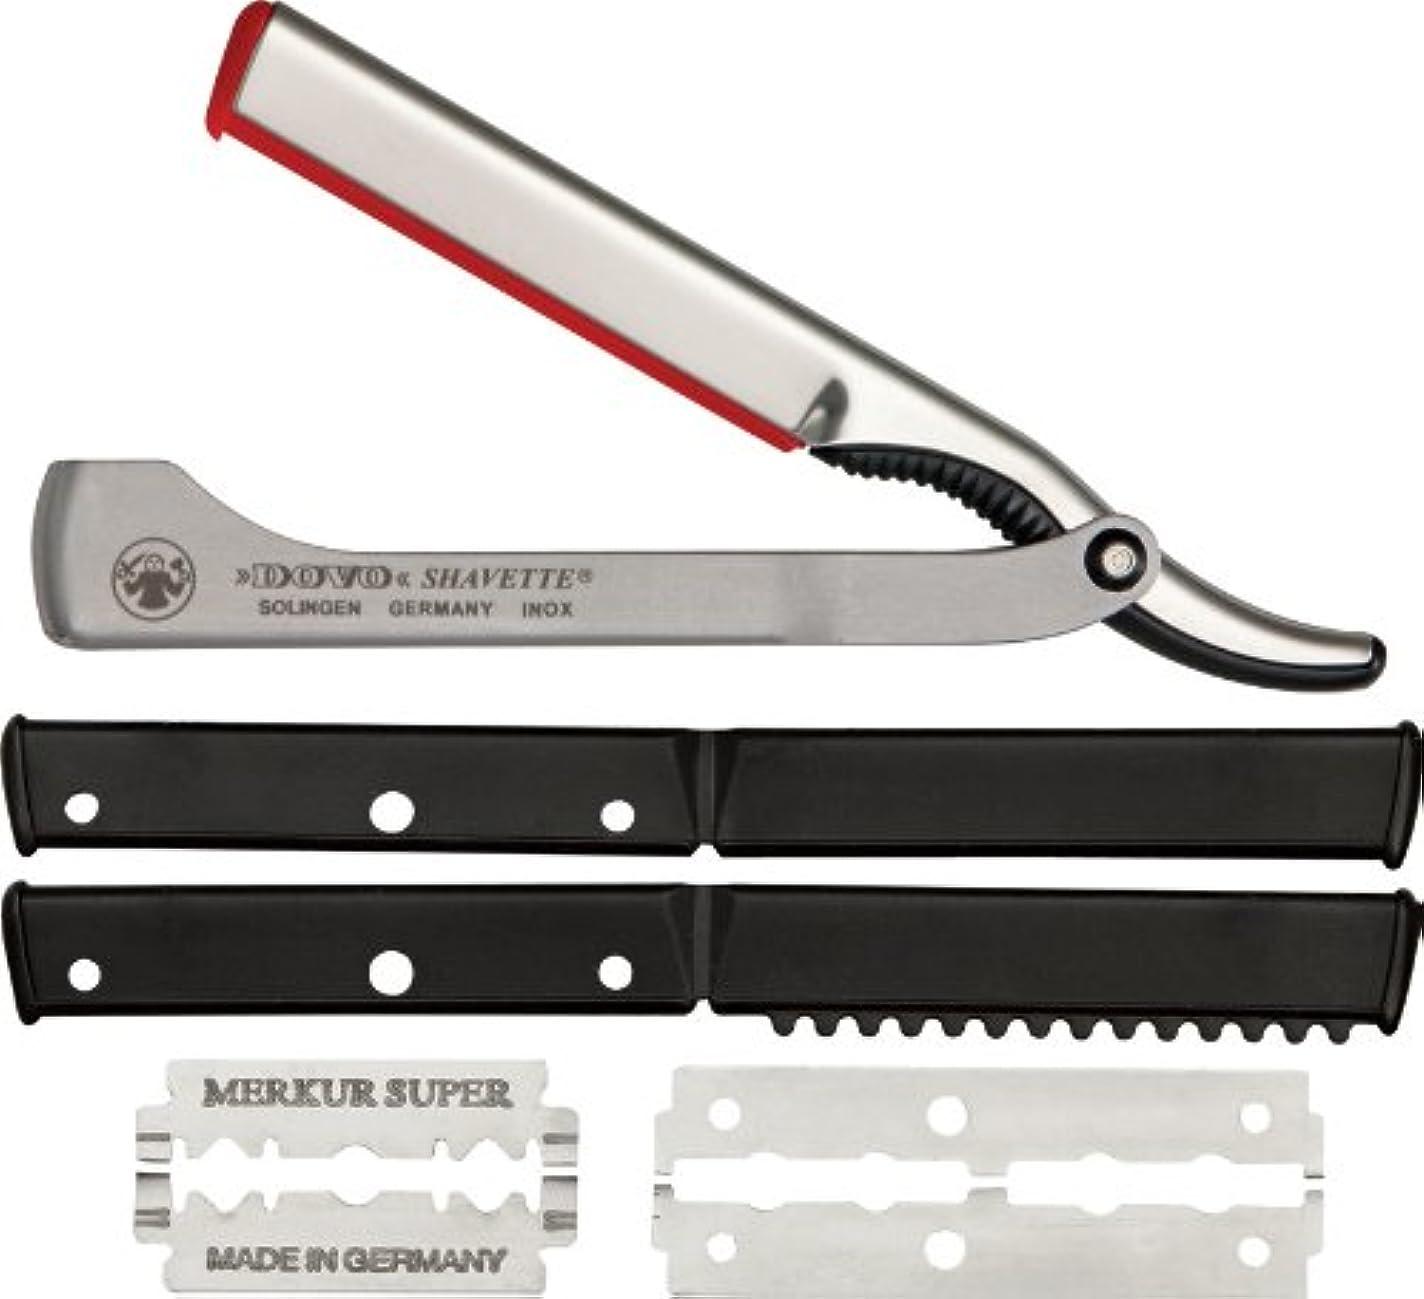 額尾アナニバーDOVO Solingen - Shavette, straight edge razor, changeable blade, 201006